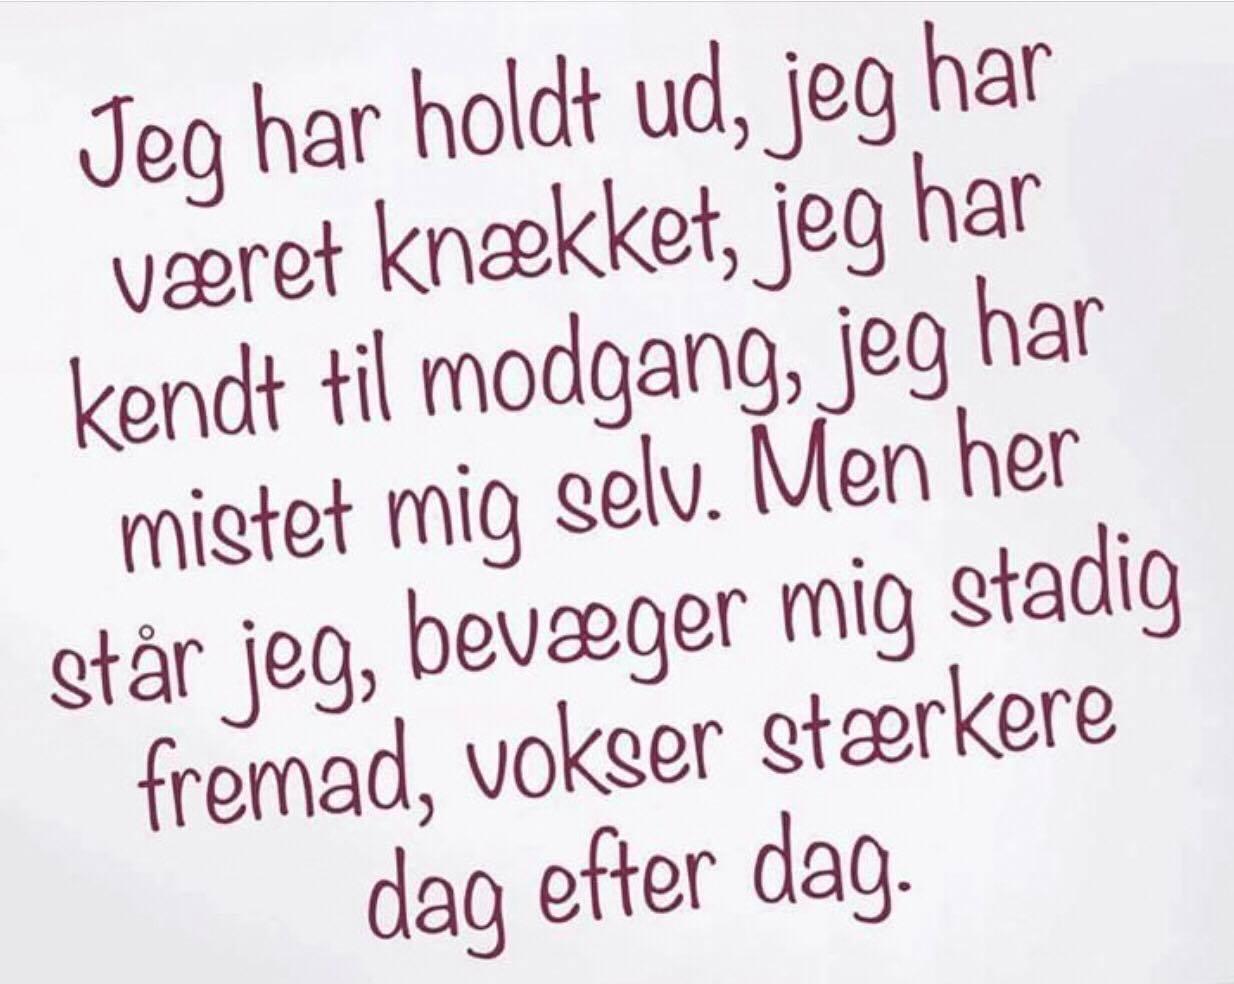 små kærligheds citater citater   Danske citater, Nordiske citater, Berømte citater  små kærligheds citater